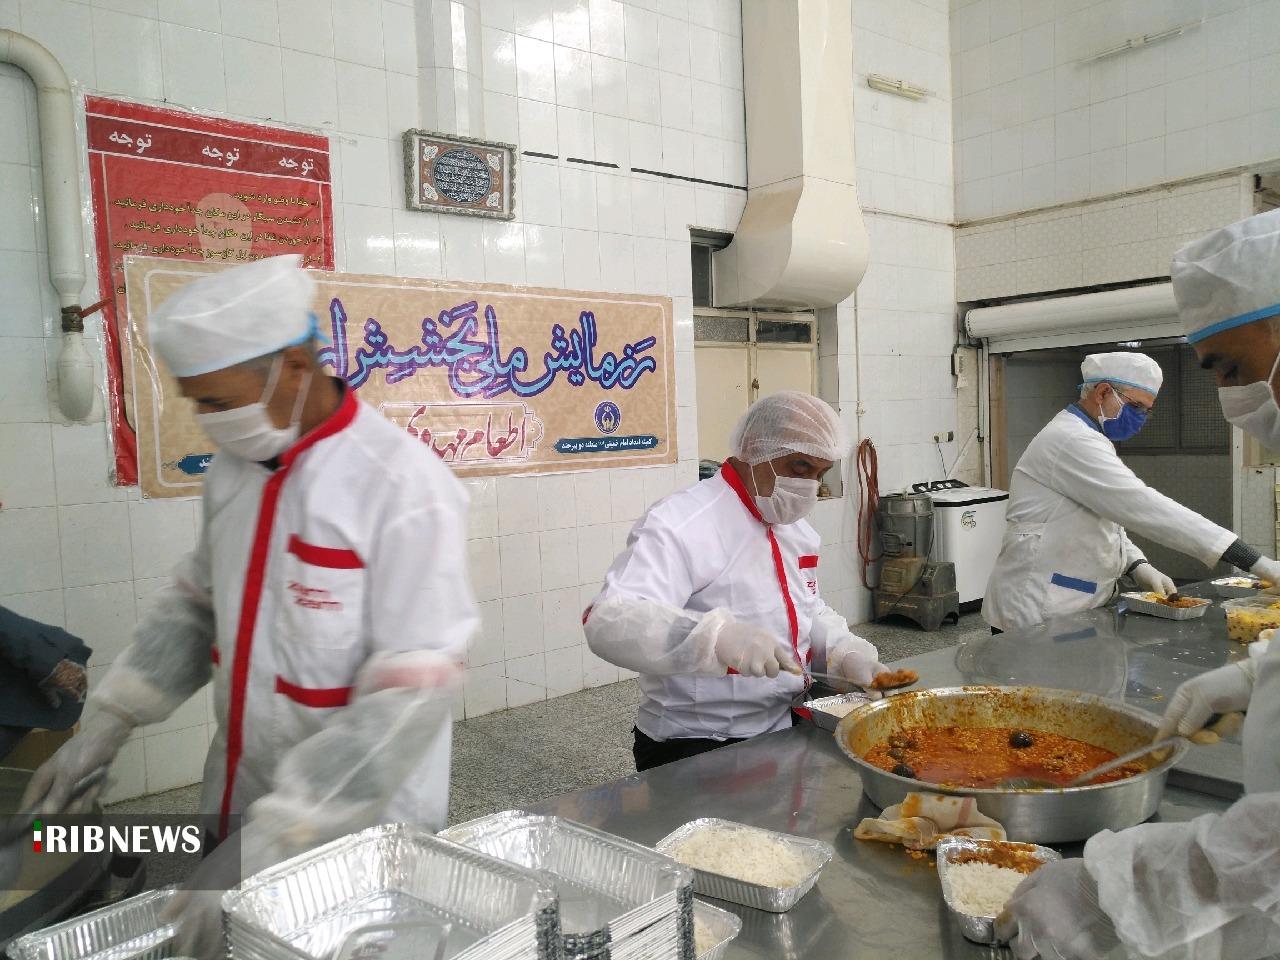 آغاز طرح اطعام مهدوی به مناسبت ماه مبارک رمضان در خراسان جنوبی